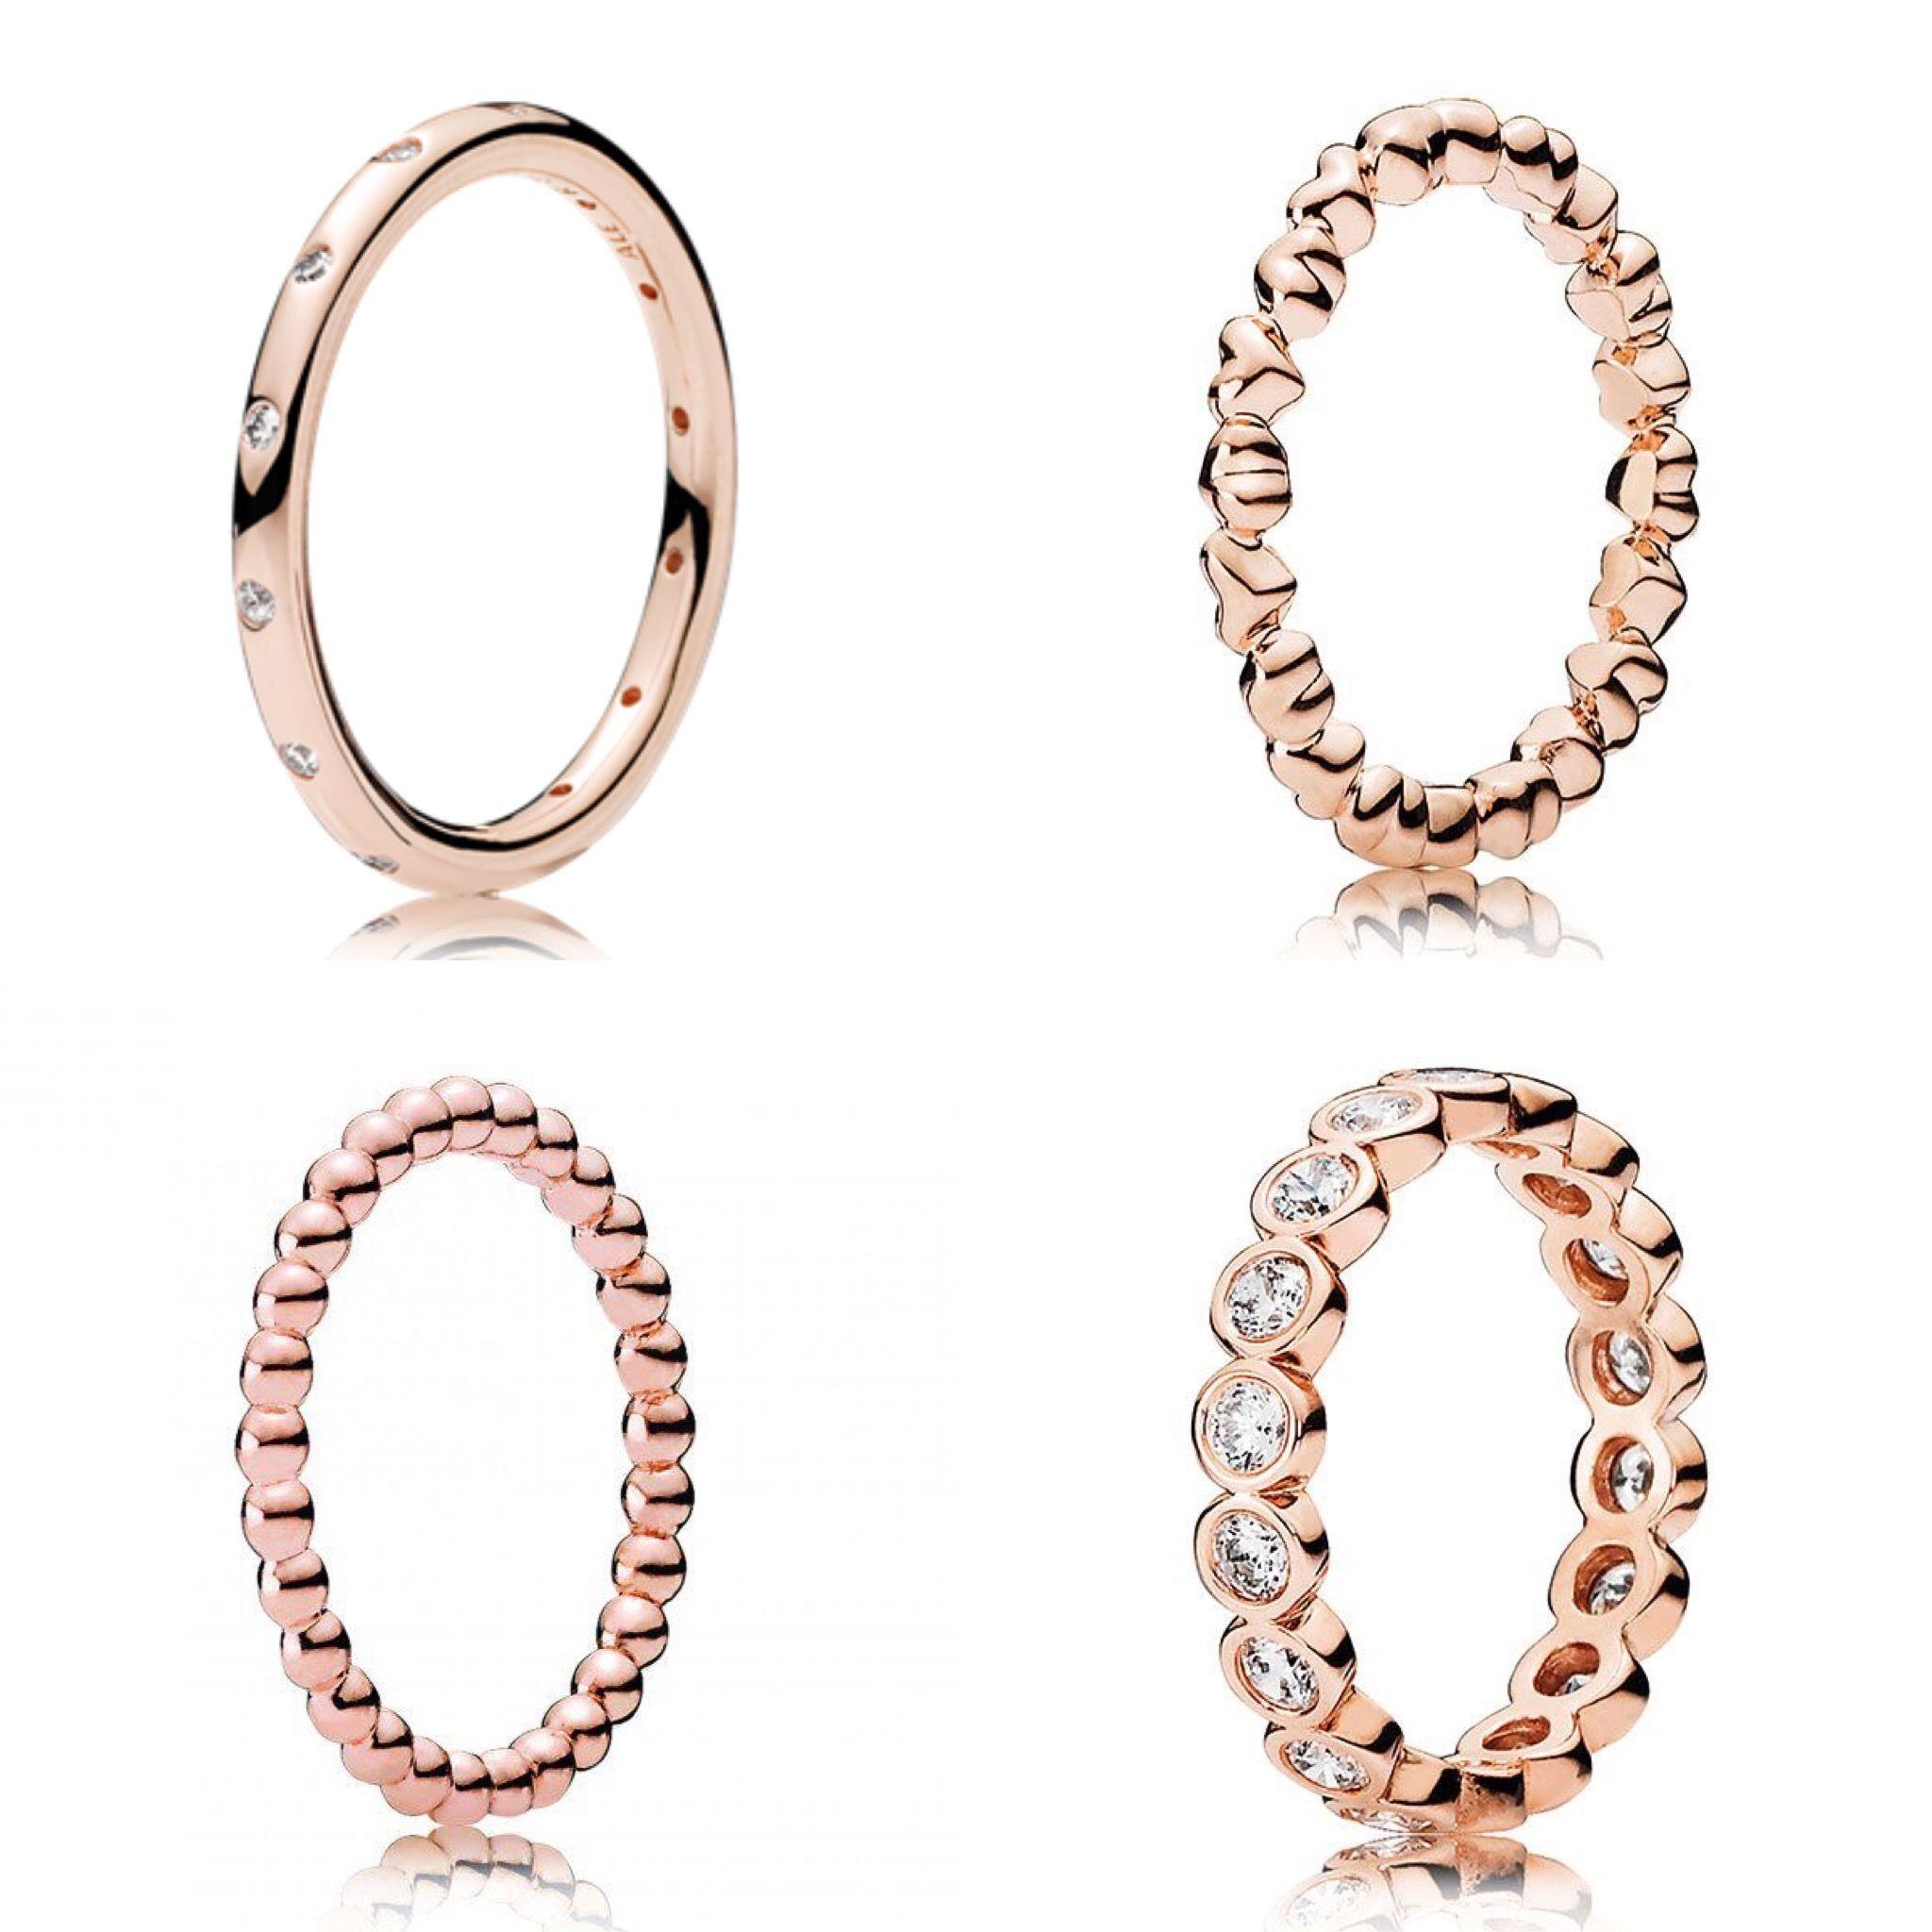 Pandora Rose Gold Rings   Things.I.Like  in 2019 ...